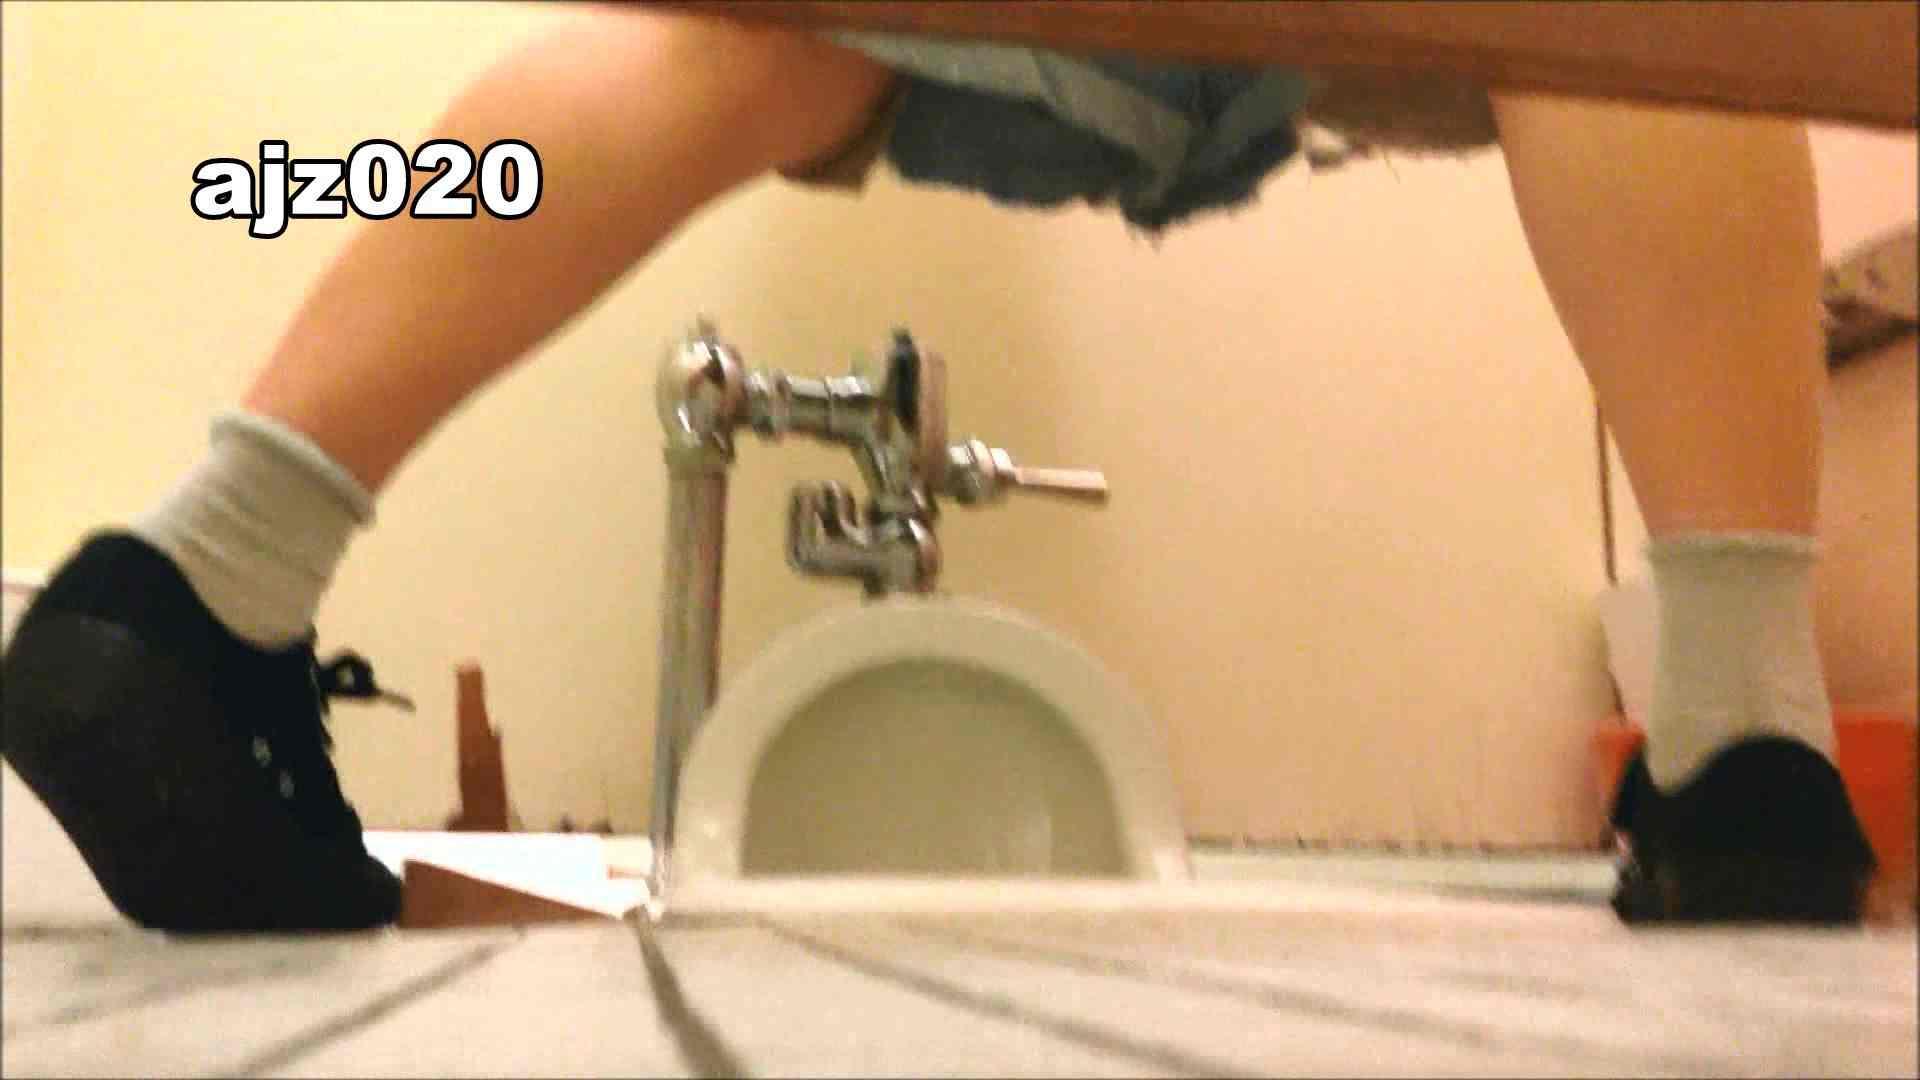 某有名大学女性洗面所 vol.20 和式トイレ おめこ無修正動画無料 79pic 7